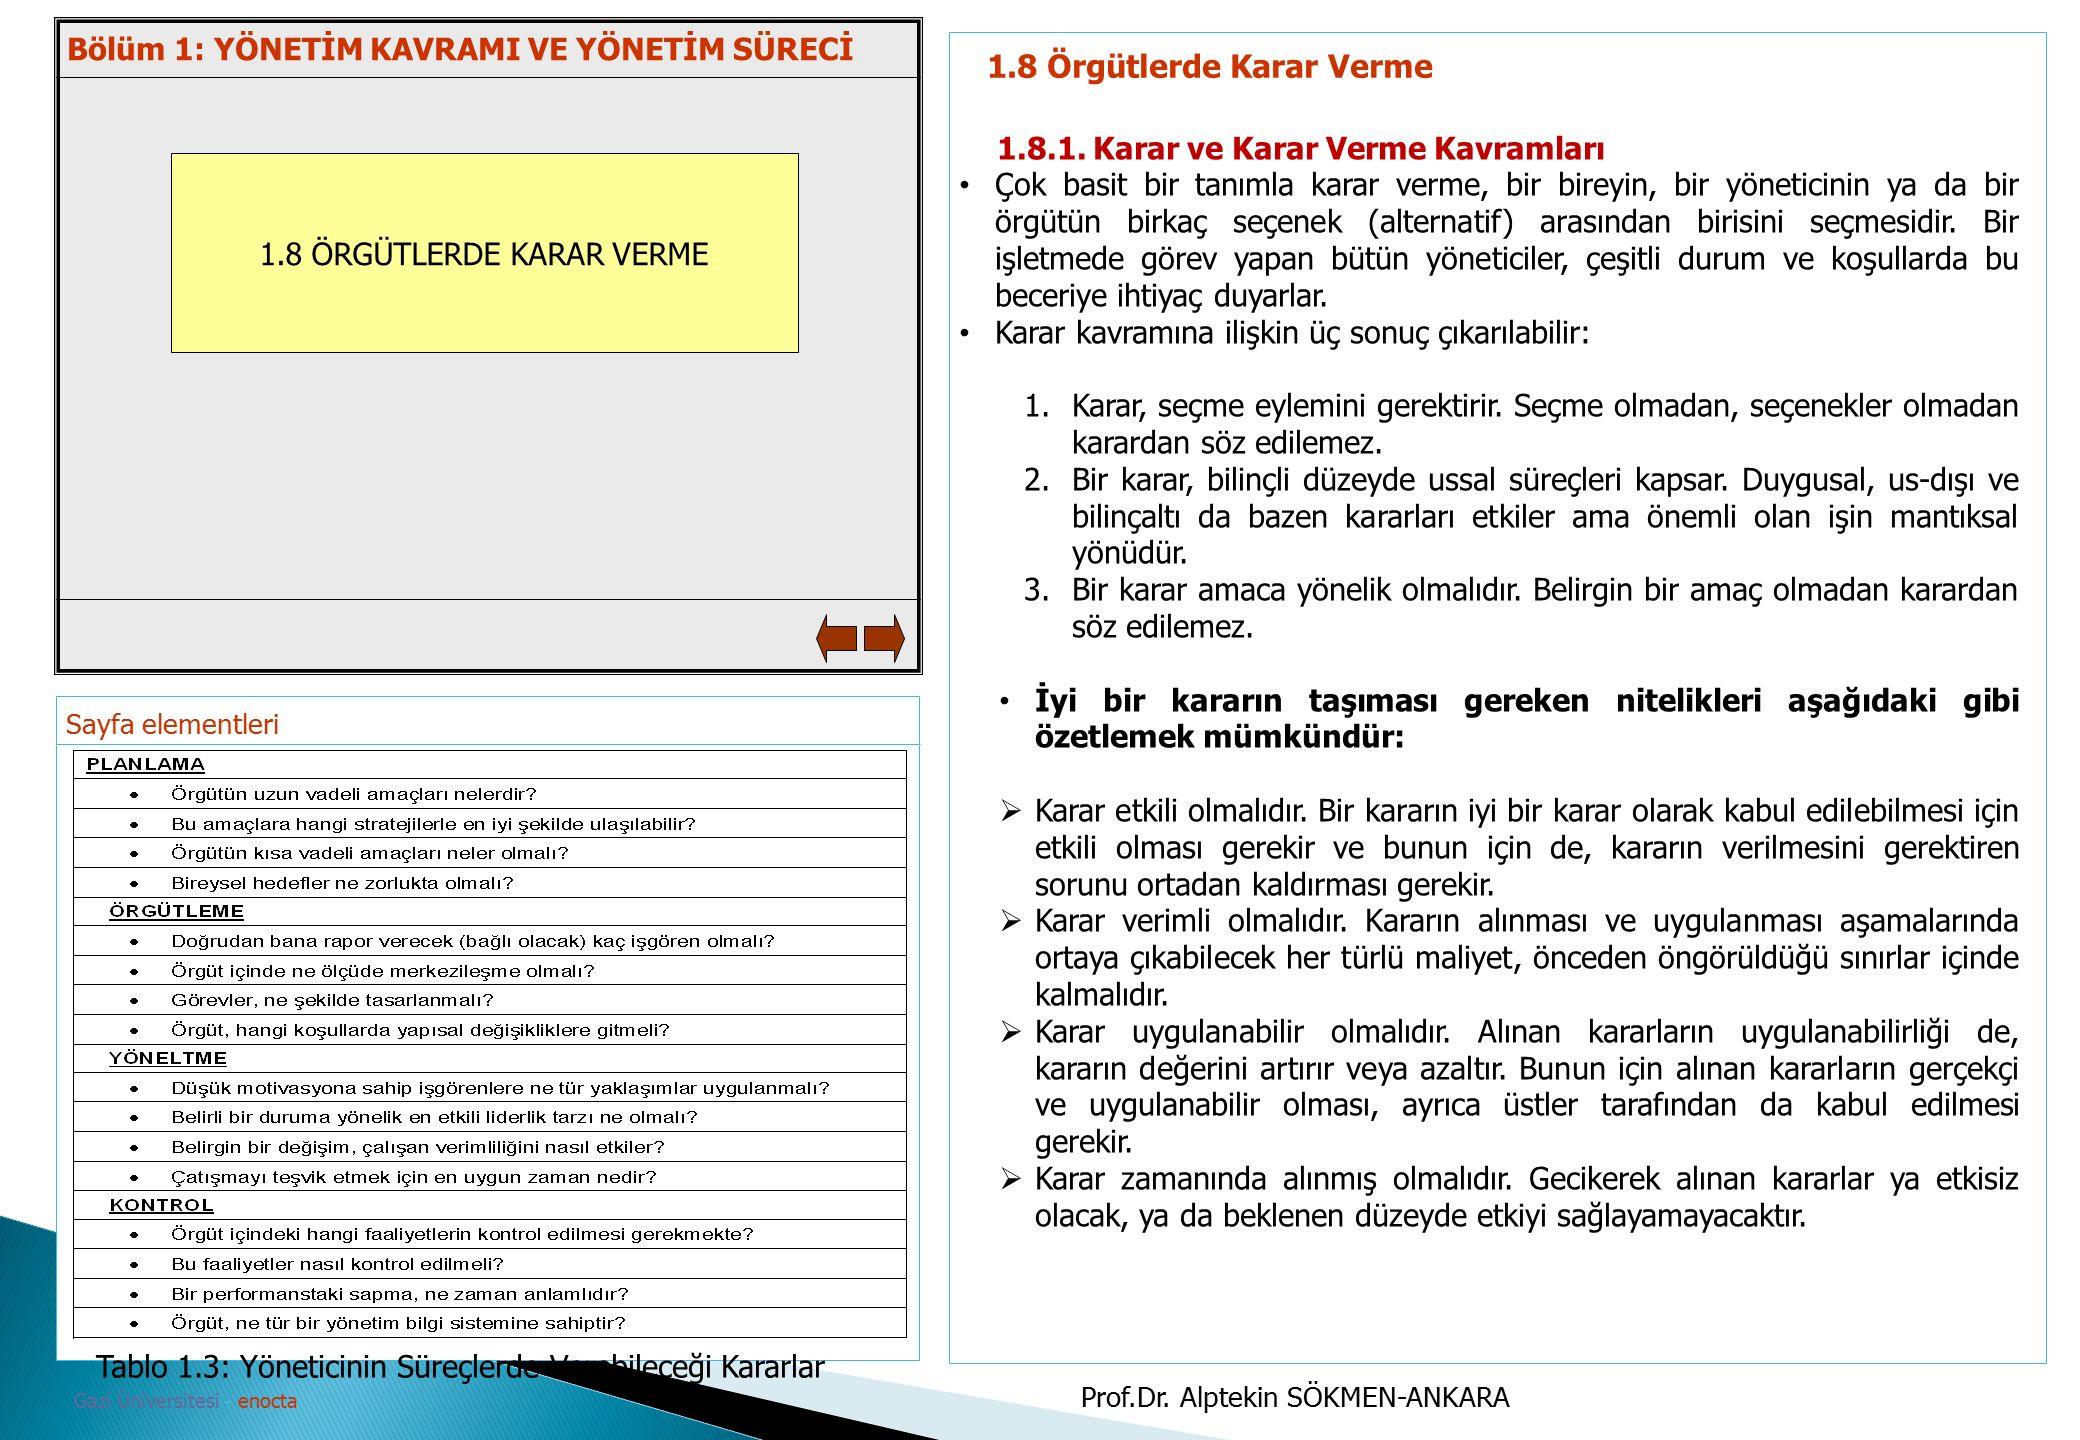 Sayfa elementleri Gazi Üniversitesi - enocta 1.8 ÖRGÜTLERDE KARAR VERME 1.8 Örgütlerde Karar Verme 1.8.1. Karar ve Karar Verme Kavramları Çok basit bi